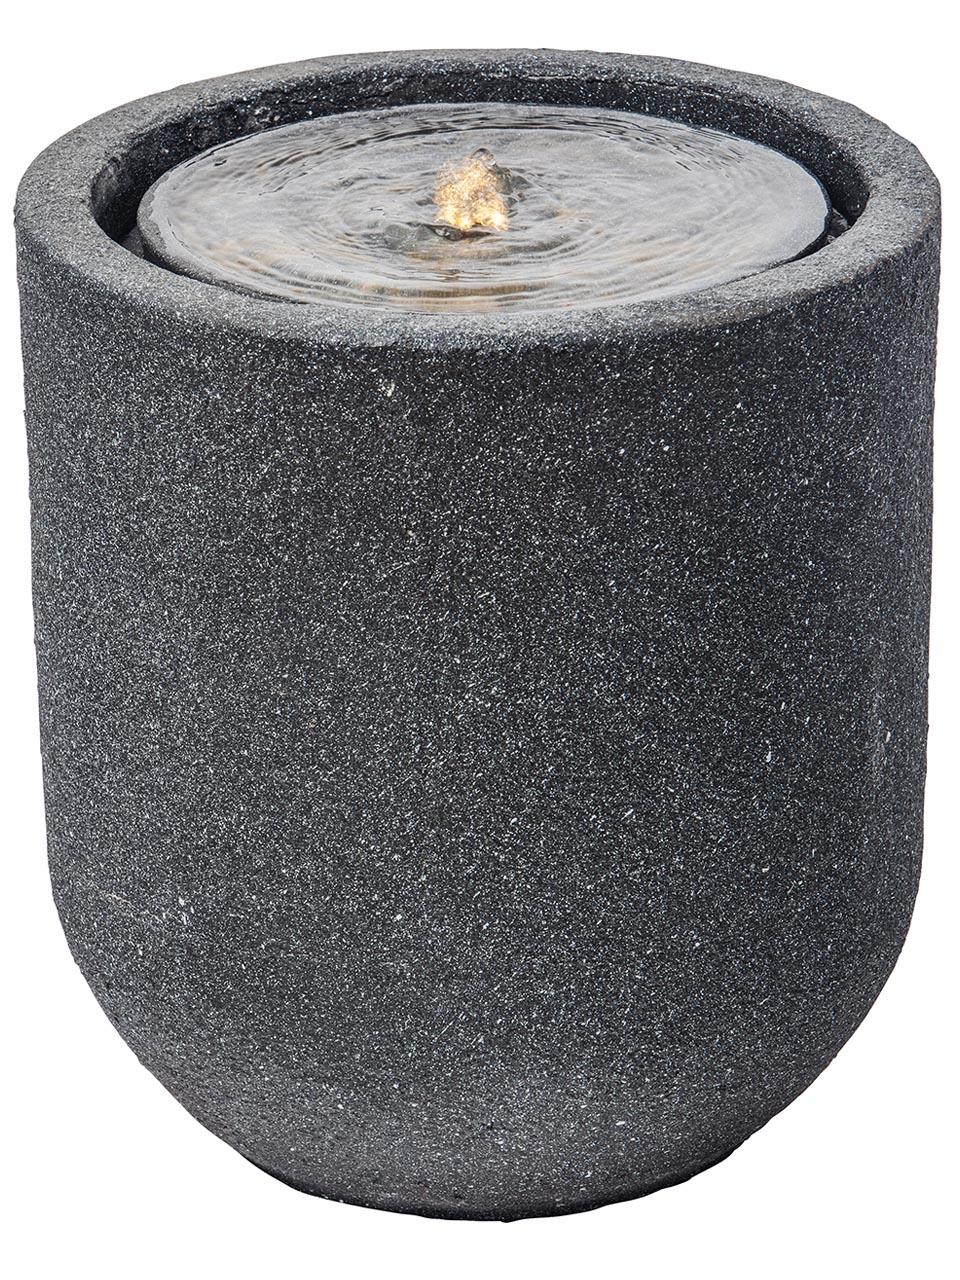 Heissner Gartenbrunnen Zylinder LED schwarz